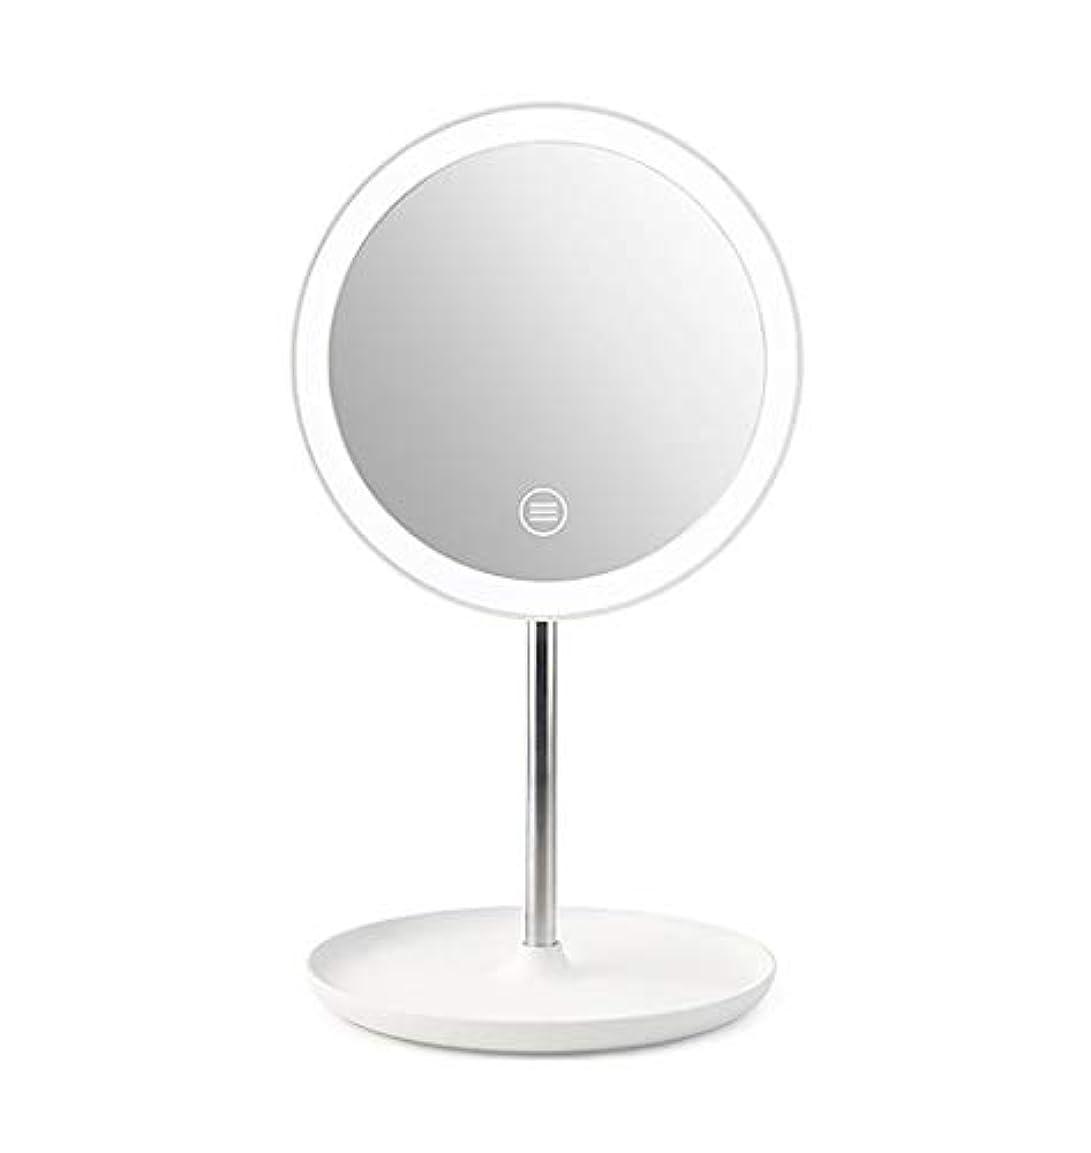 溶けるシャンパン投げ捨てるLED化粧鏡コンパクト、スタンド付き化粧鏡LEDライト付き照明付きバニティミラー調光可能なタッチスクリーン卓上化粧鏡180°回転USB充電